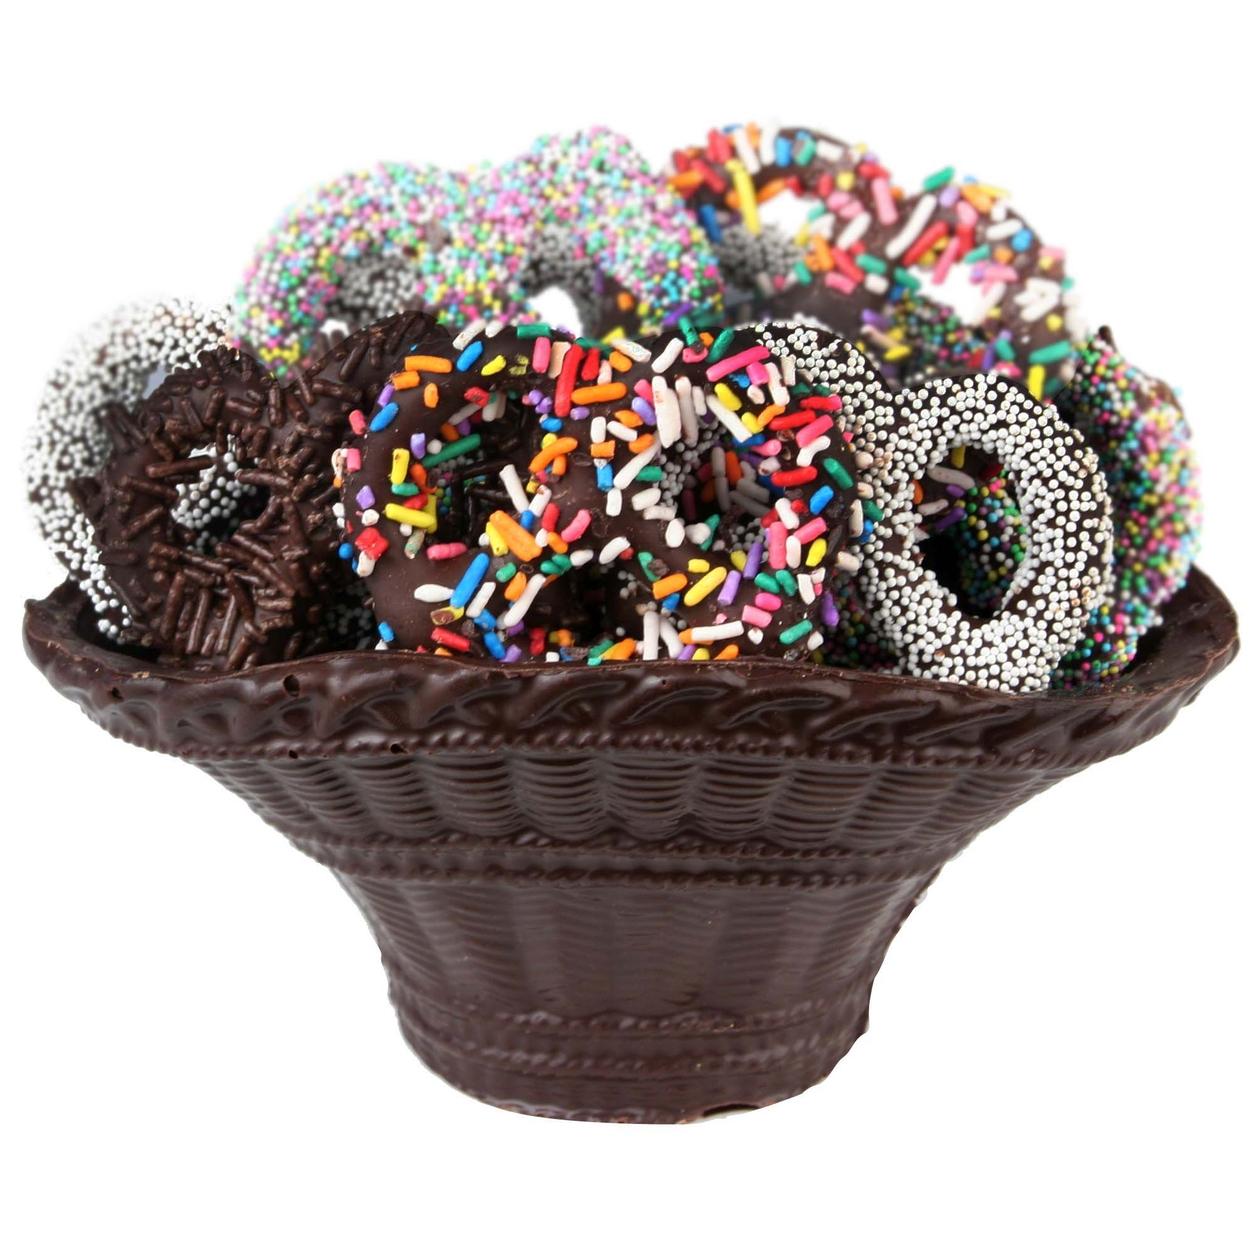 Chocolate Pretzel Dark Chocolate Basket